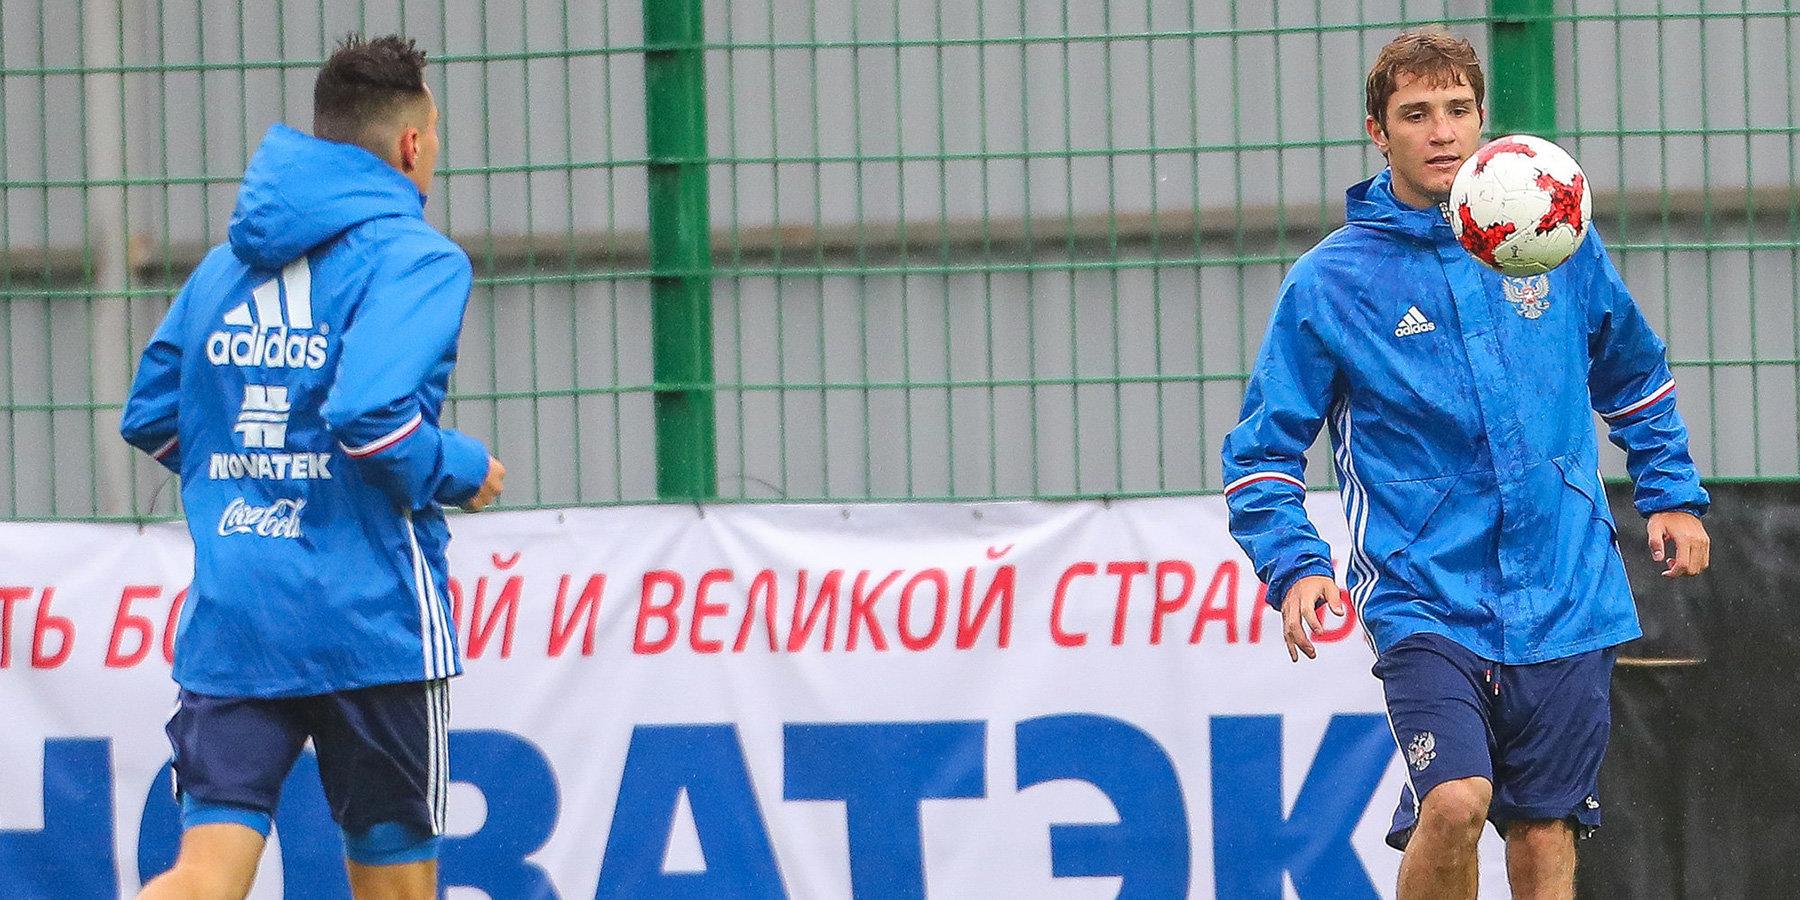 Тренировку сборной Российской Федерации пофутболу посетили дети сДЦП